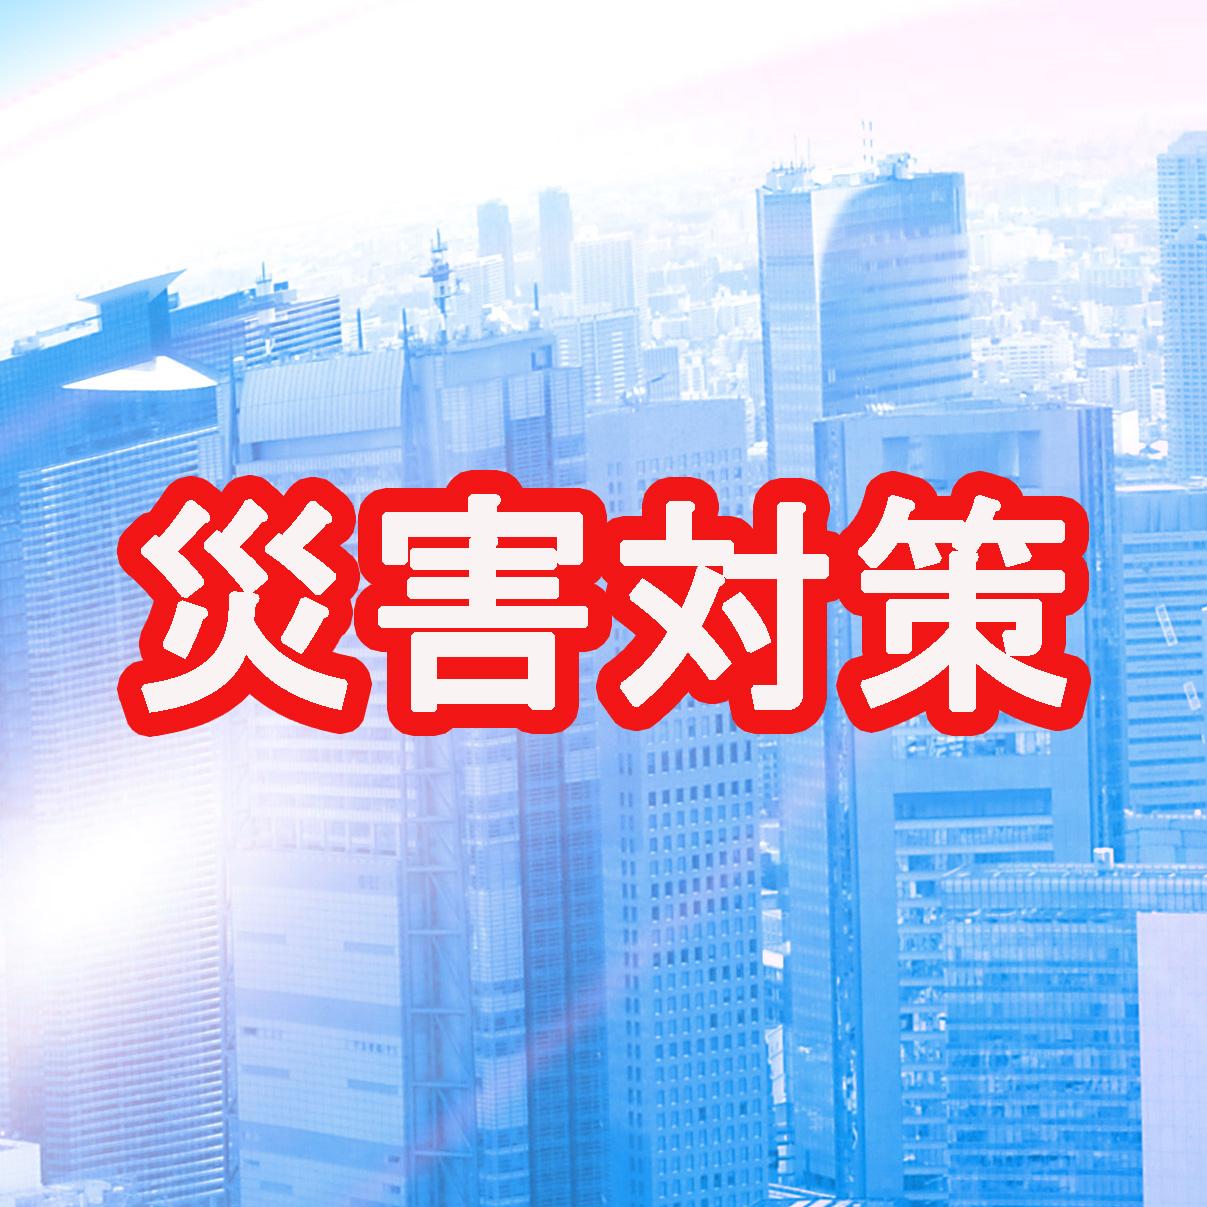 【災害対策】災害対策計画書(サイト毎)